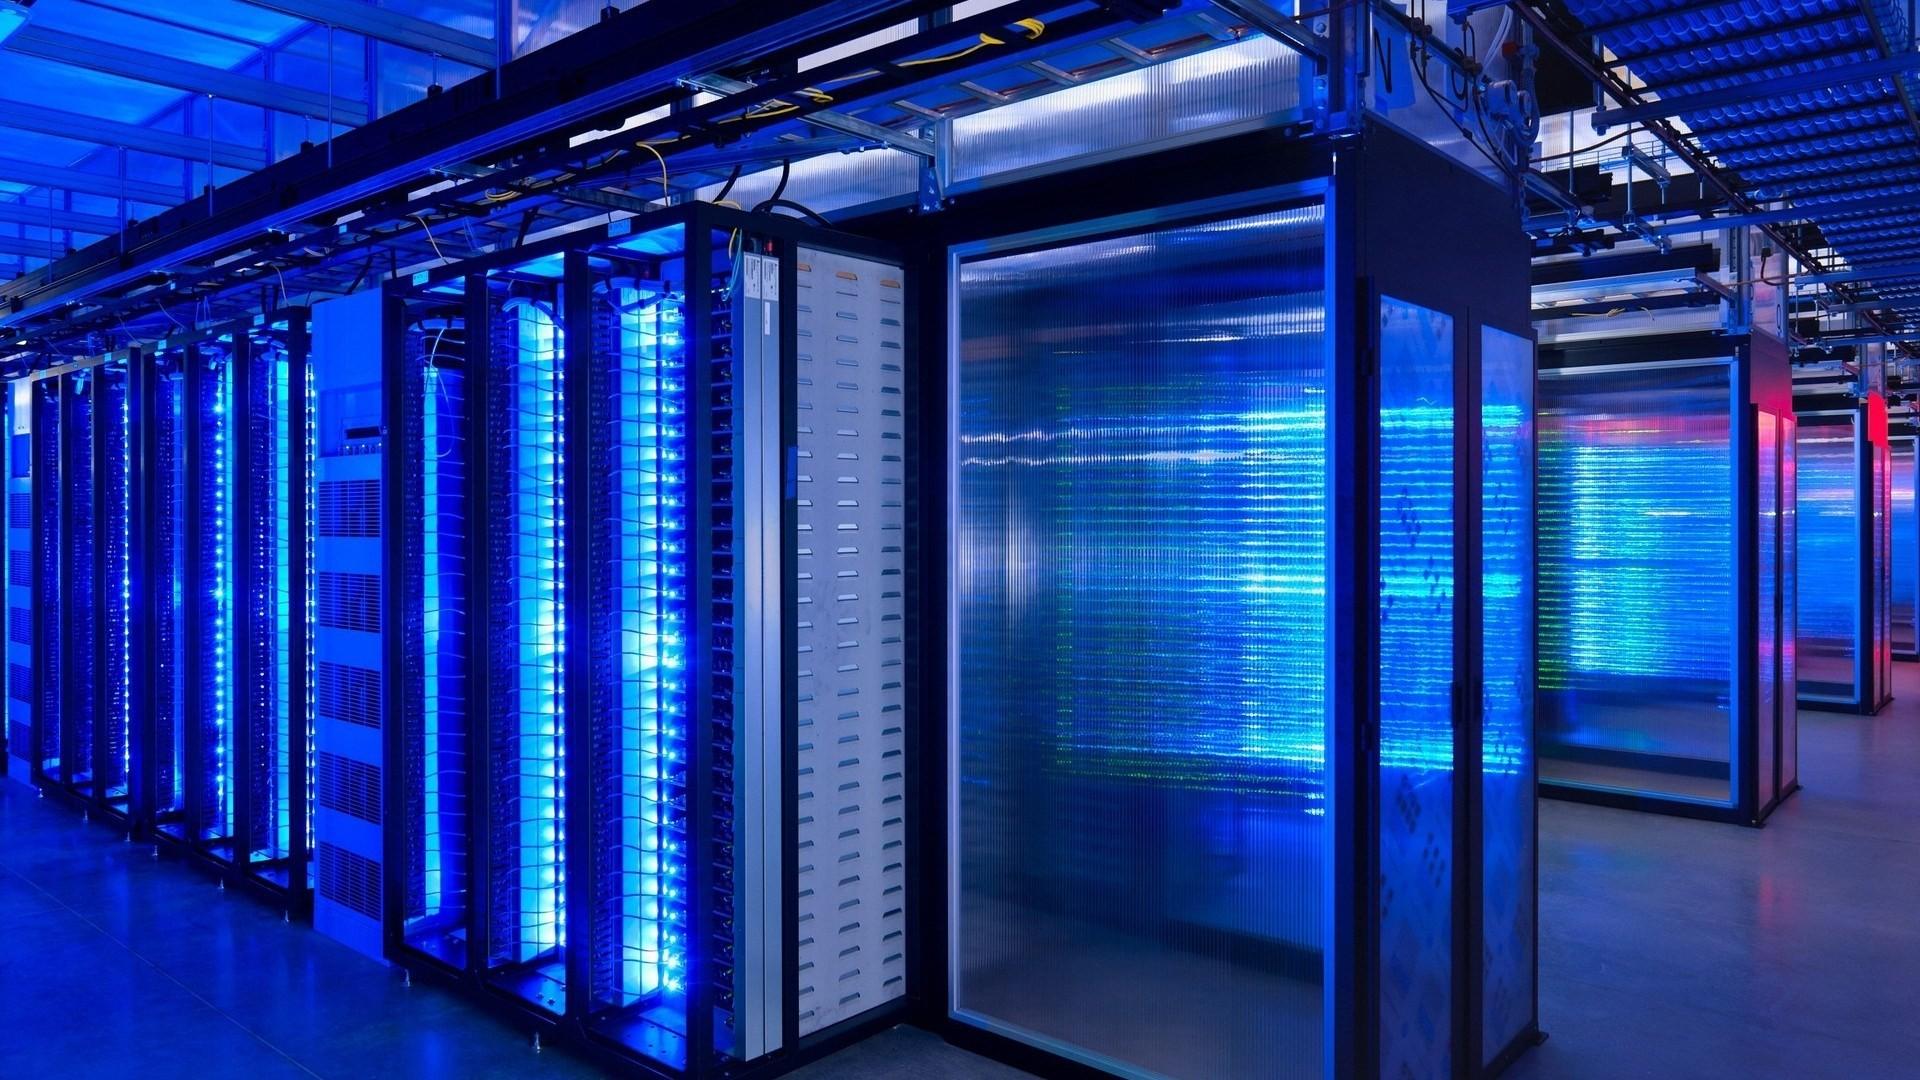 google data center hi tech technology wallpaper